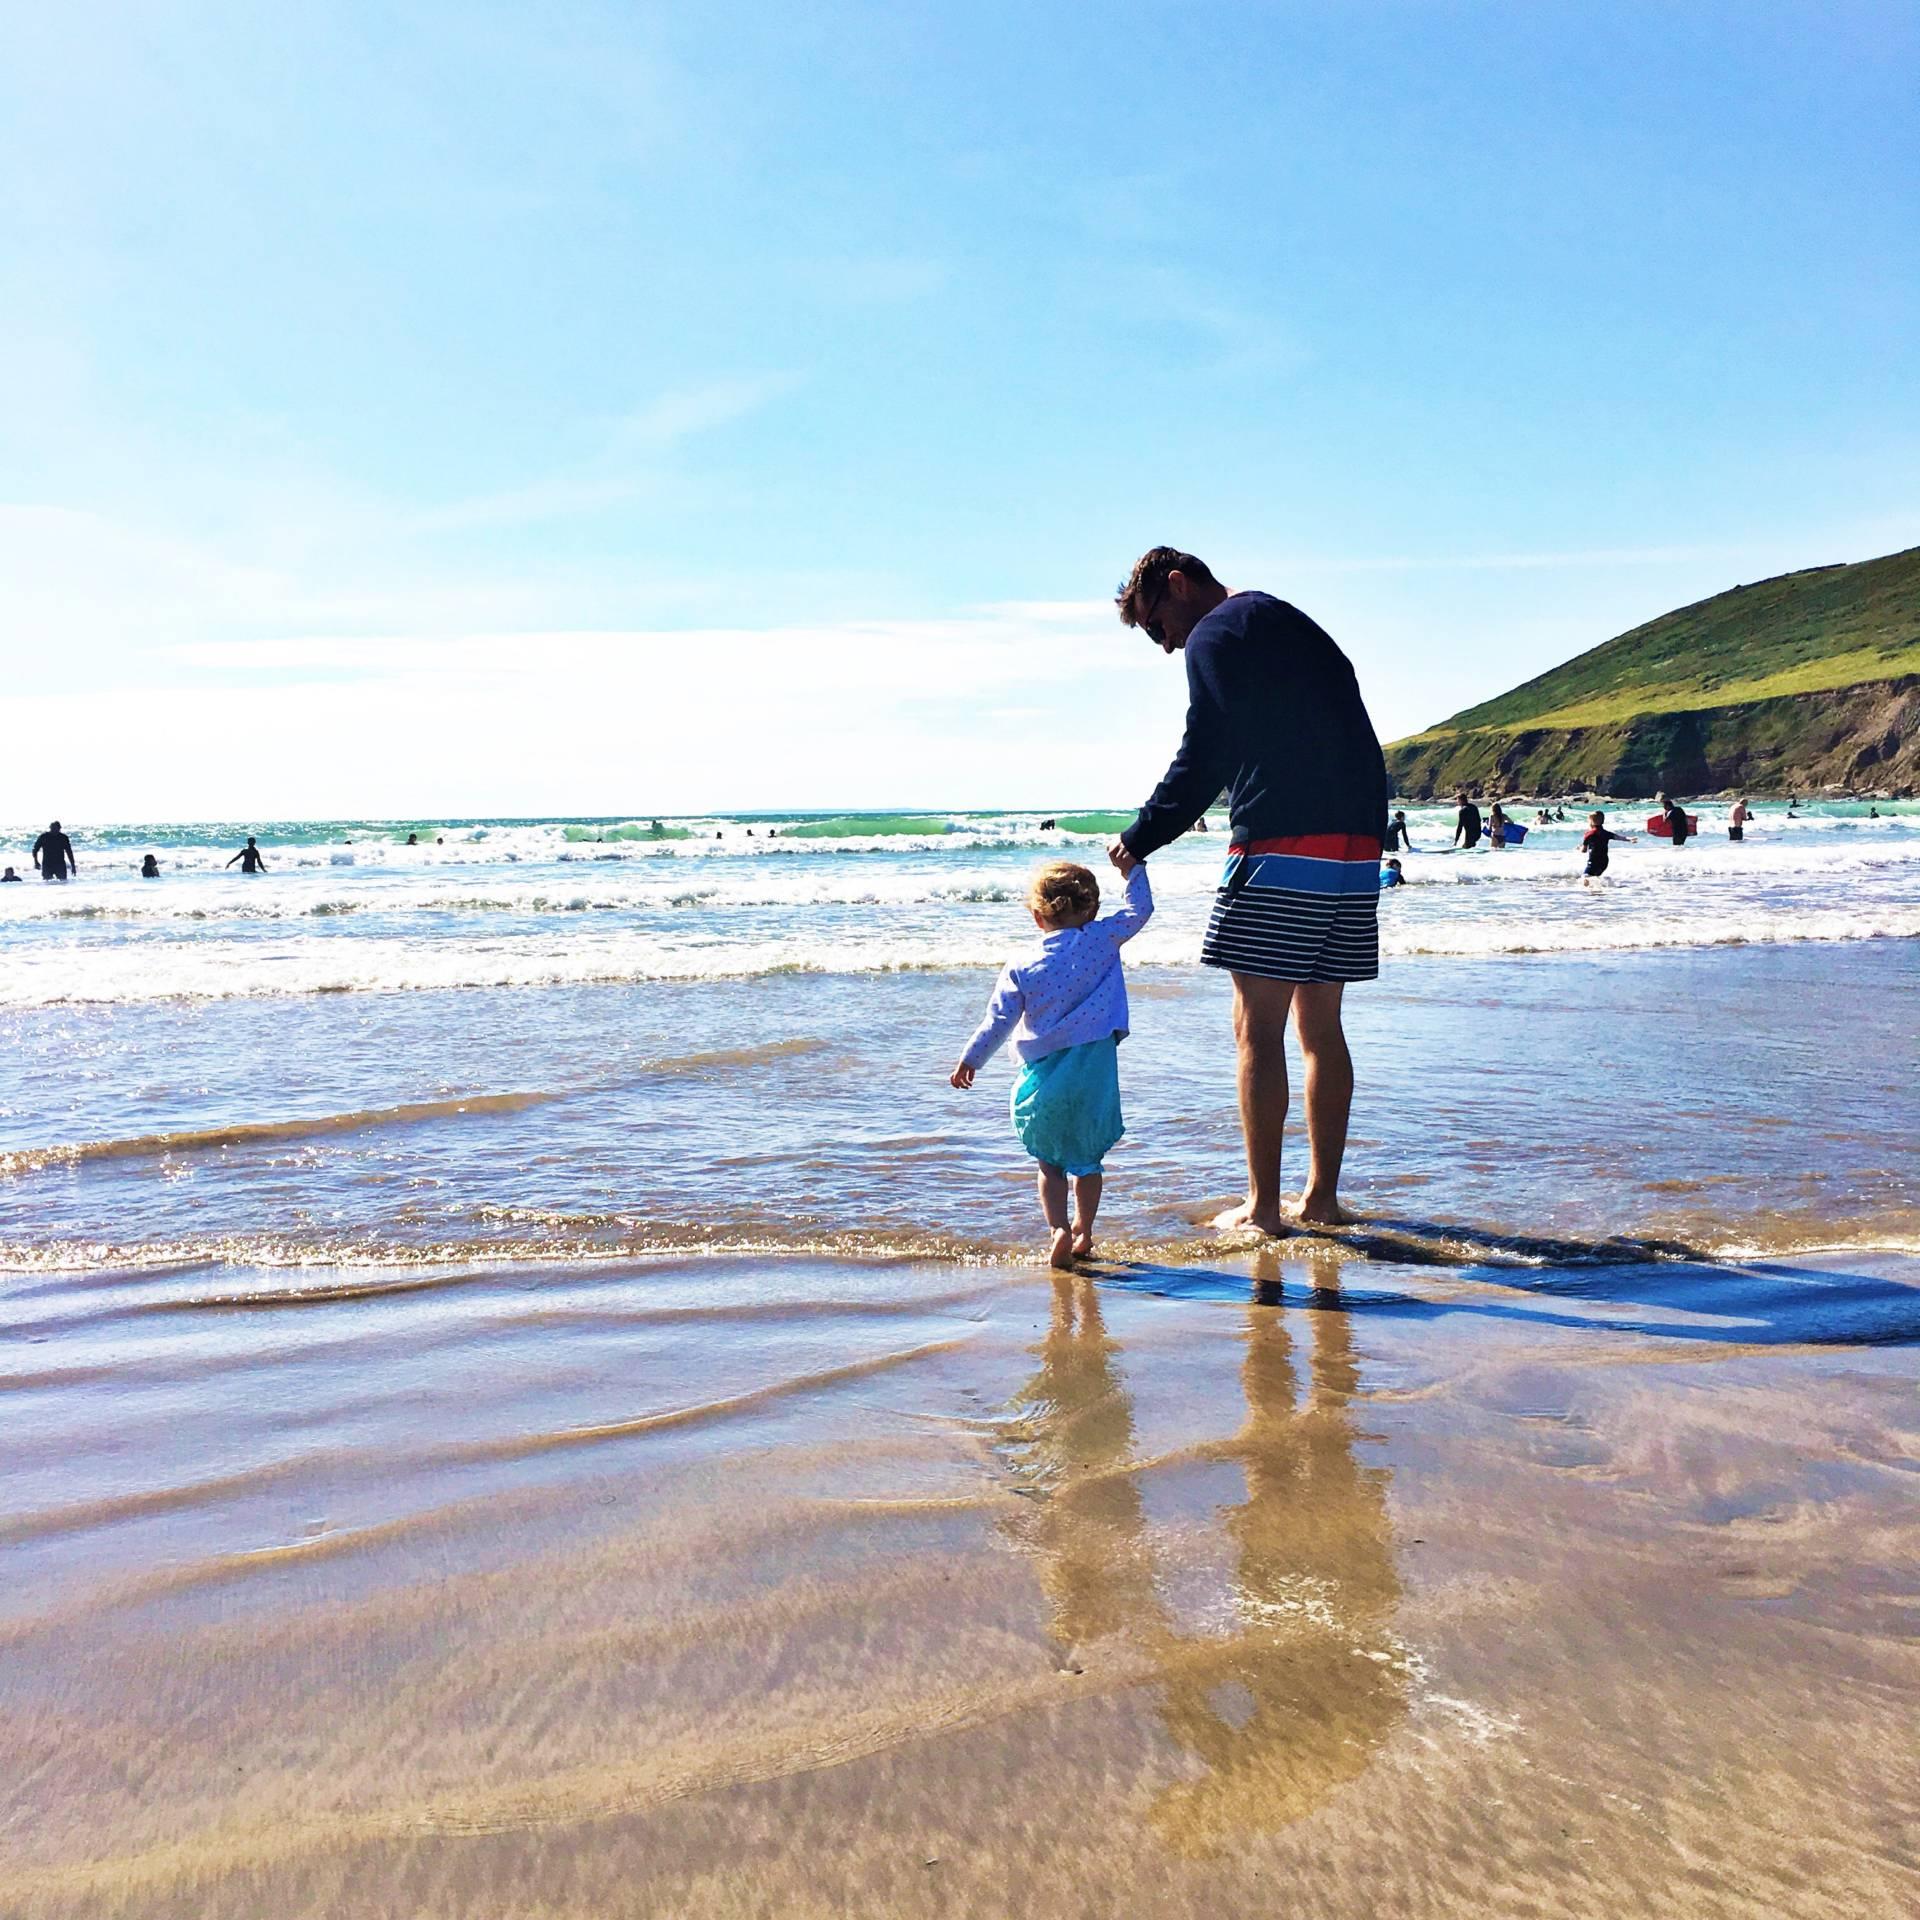 beaches of north Devon Saunton Sands